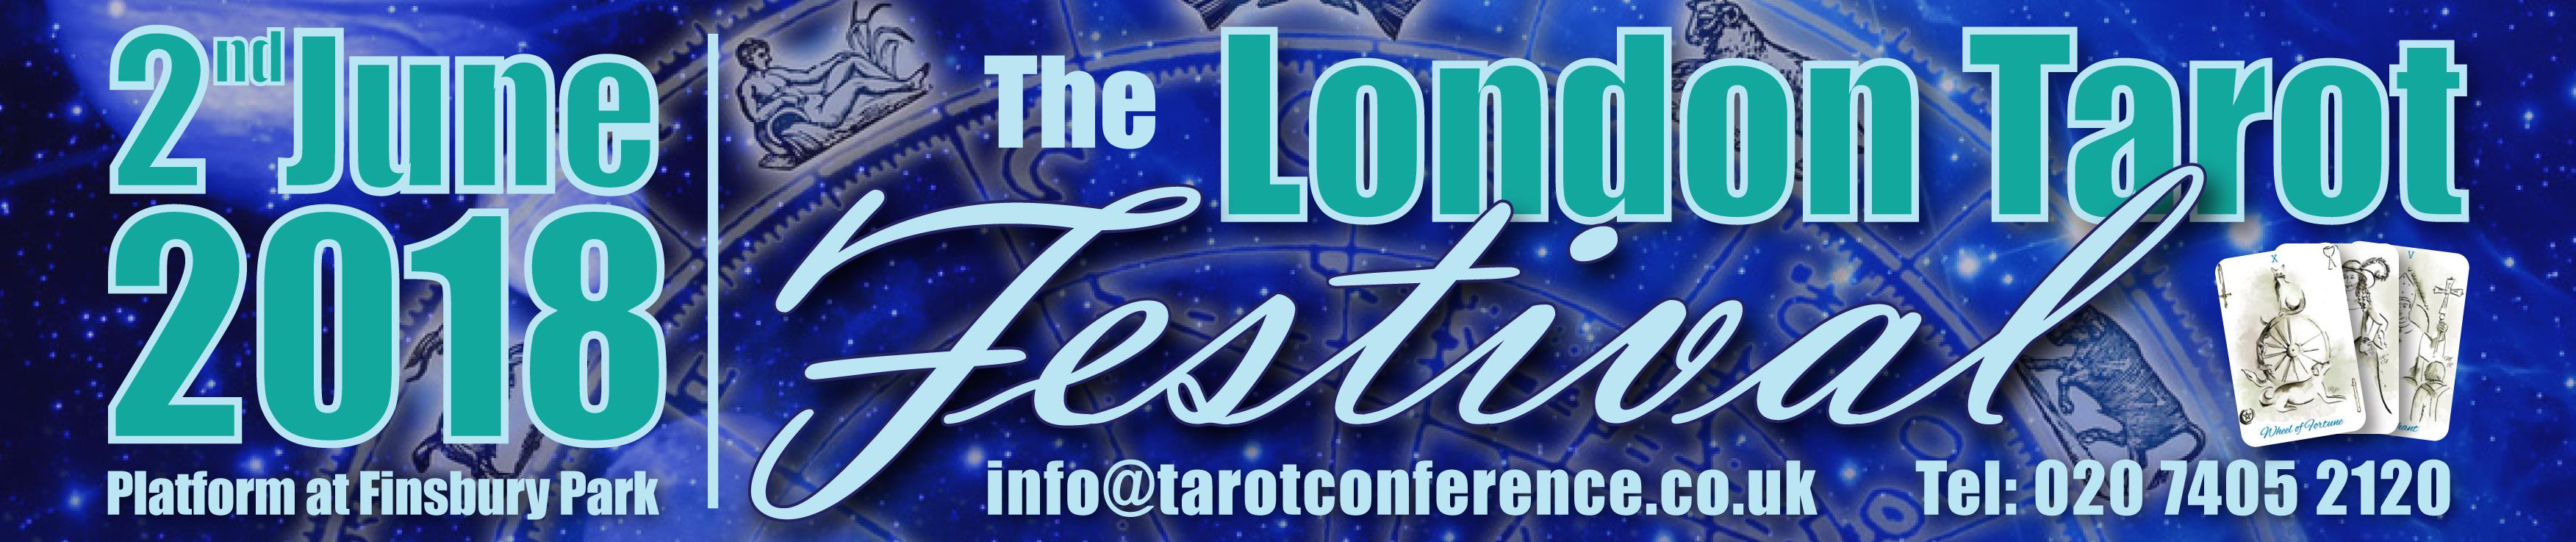 tarot festival banner 2018 revC